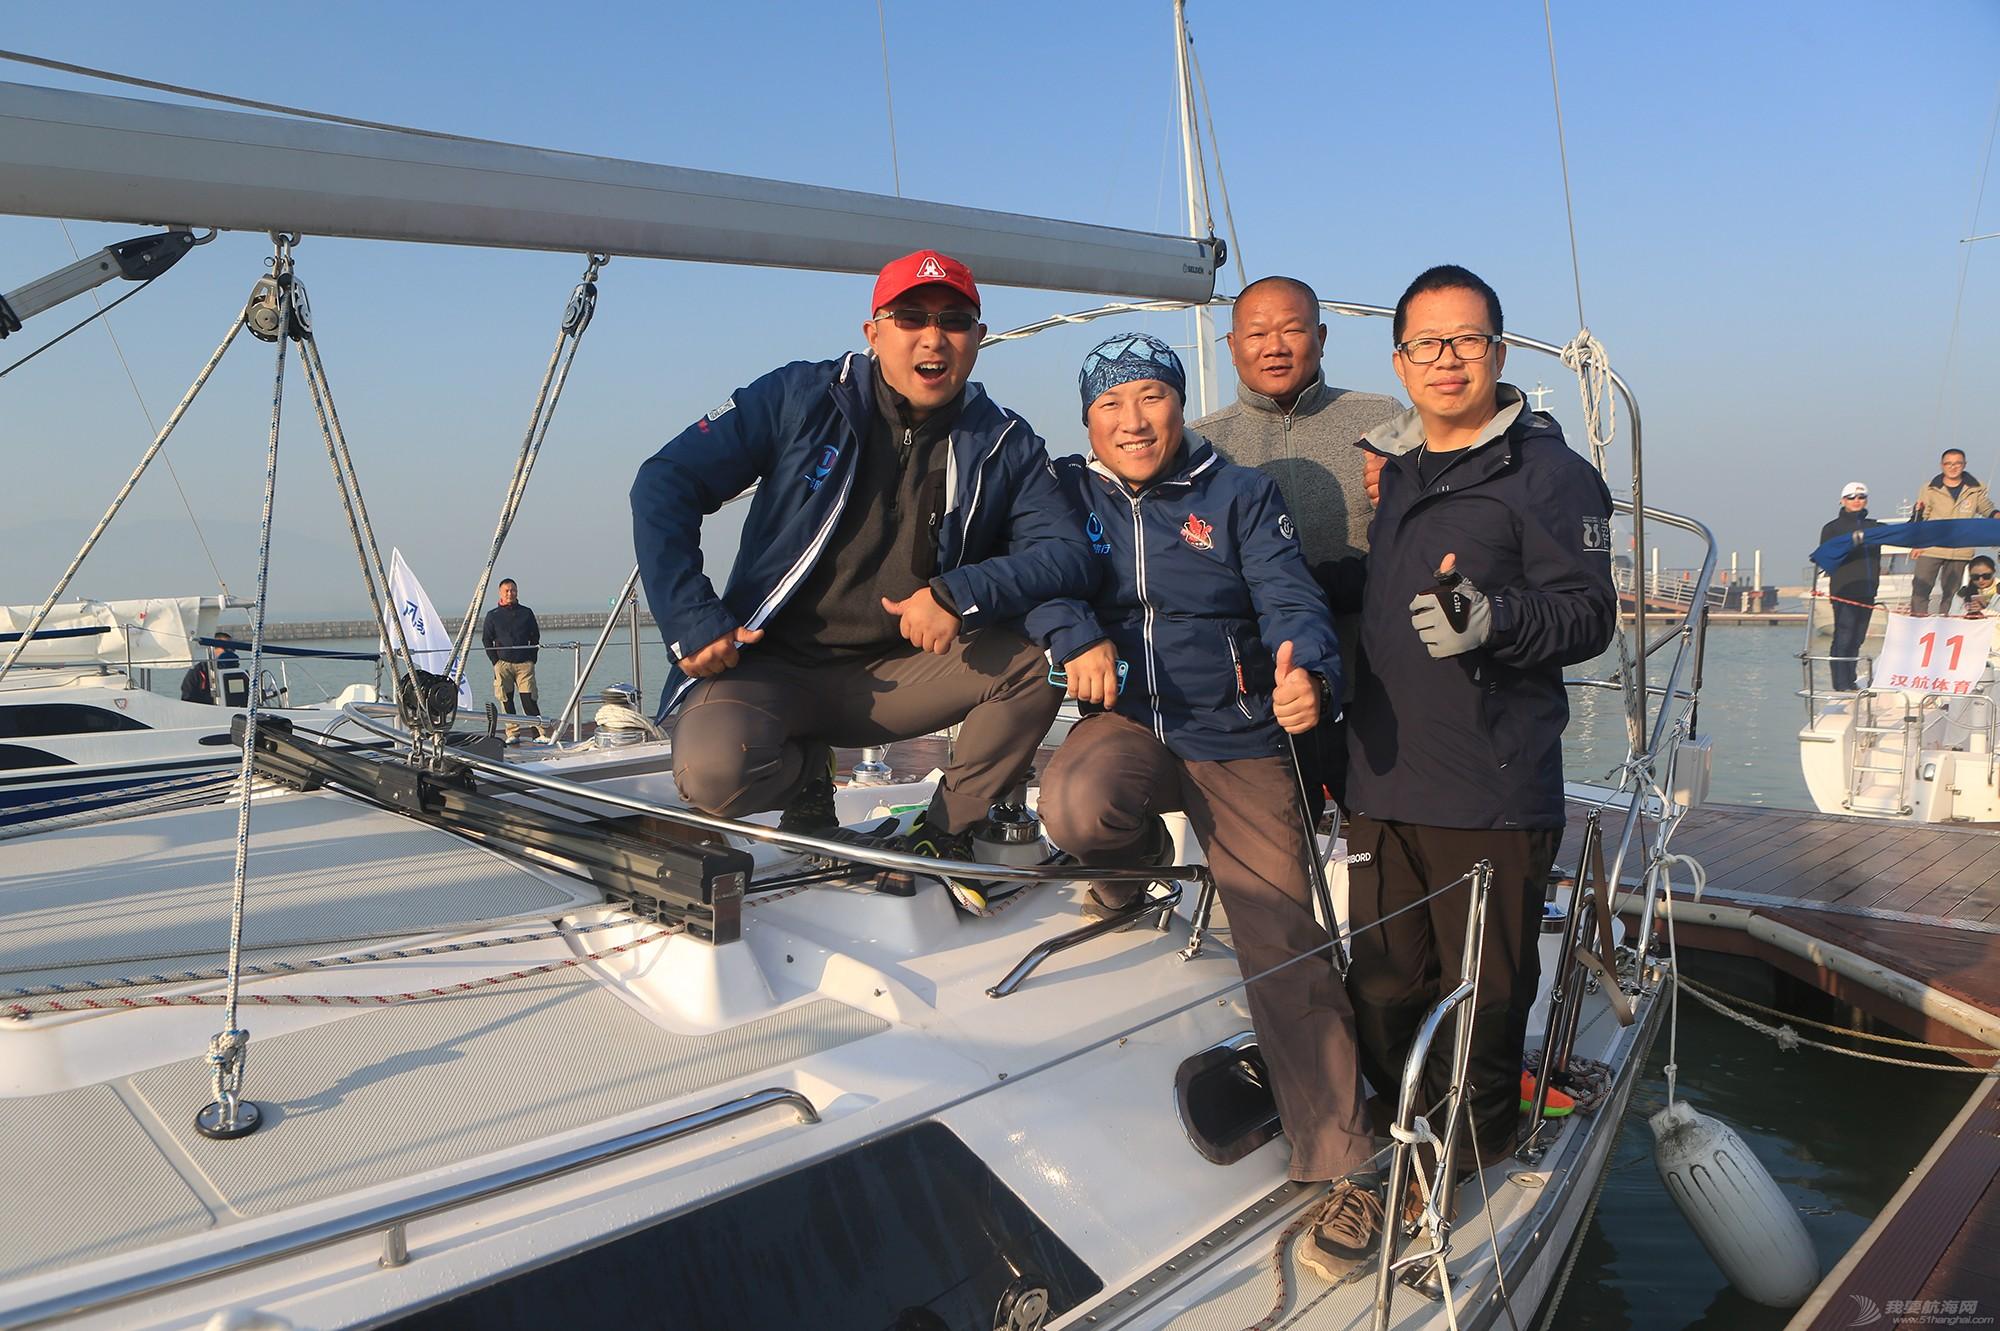 """拉力赛,帆船,太湖 2016""""菱湖湾杯""""环太湖帆船拉力赛参赛船队、船员风采 5V8A7548.JPG"""